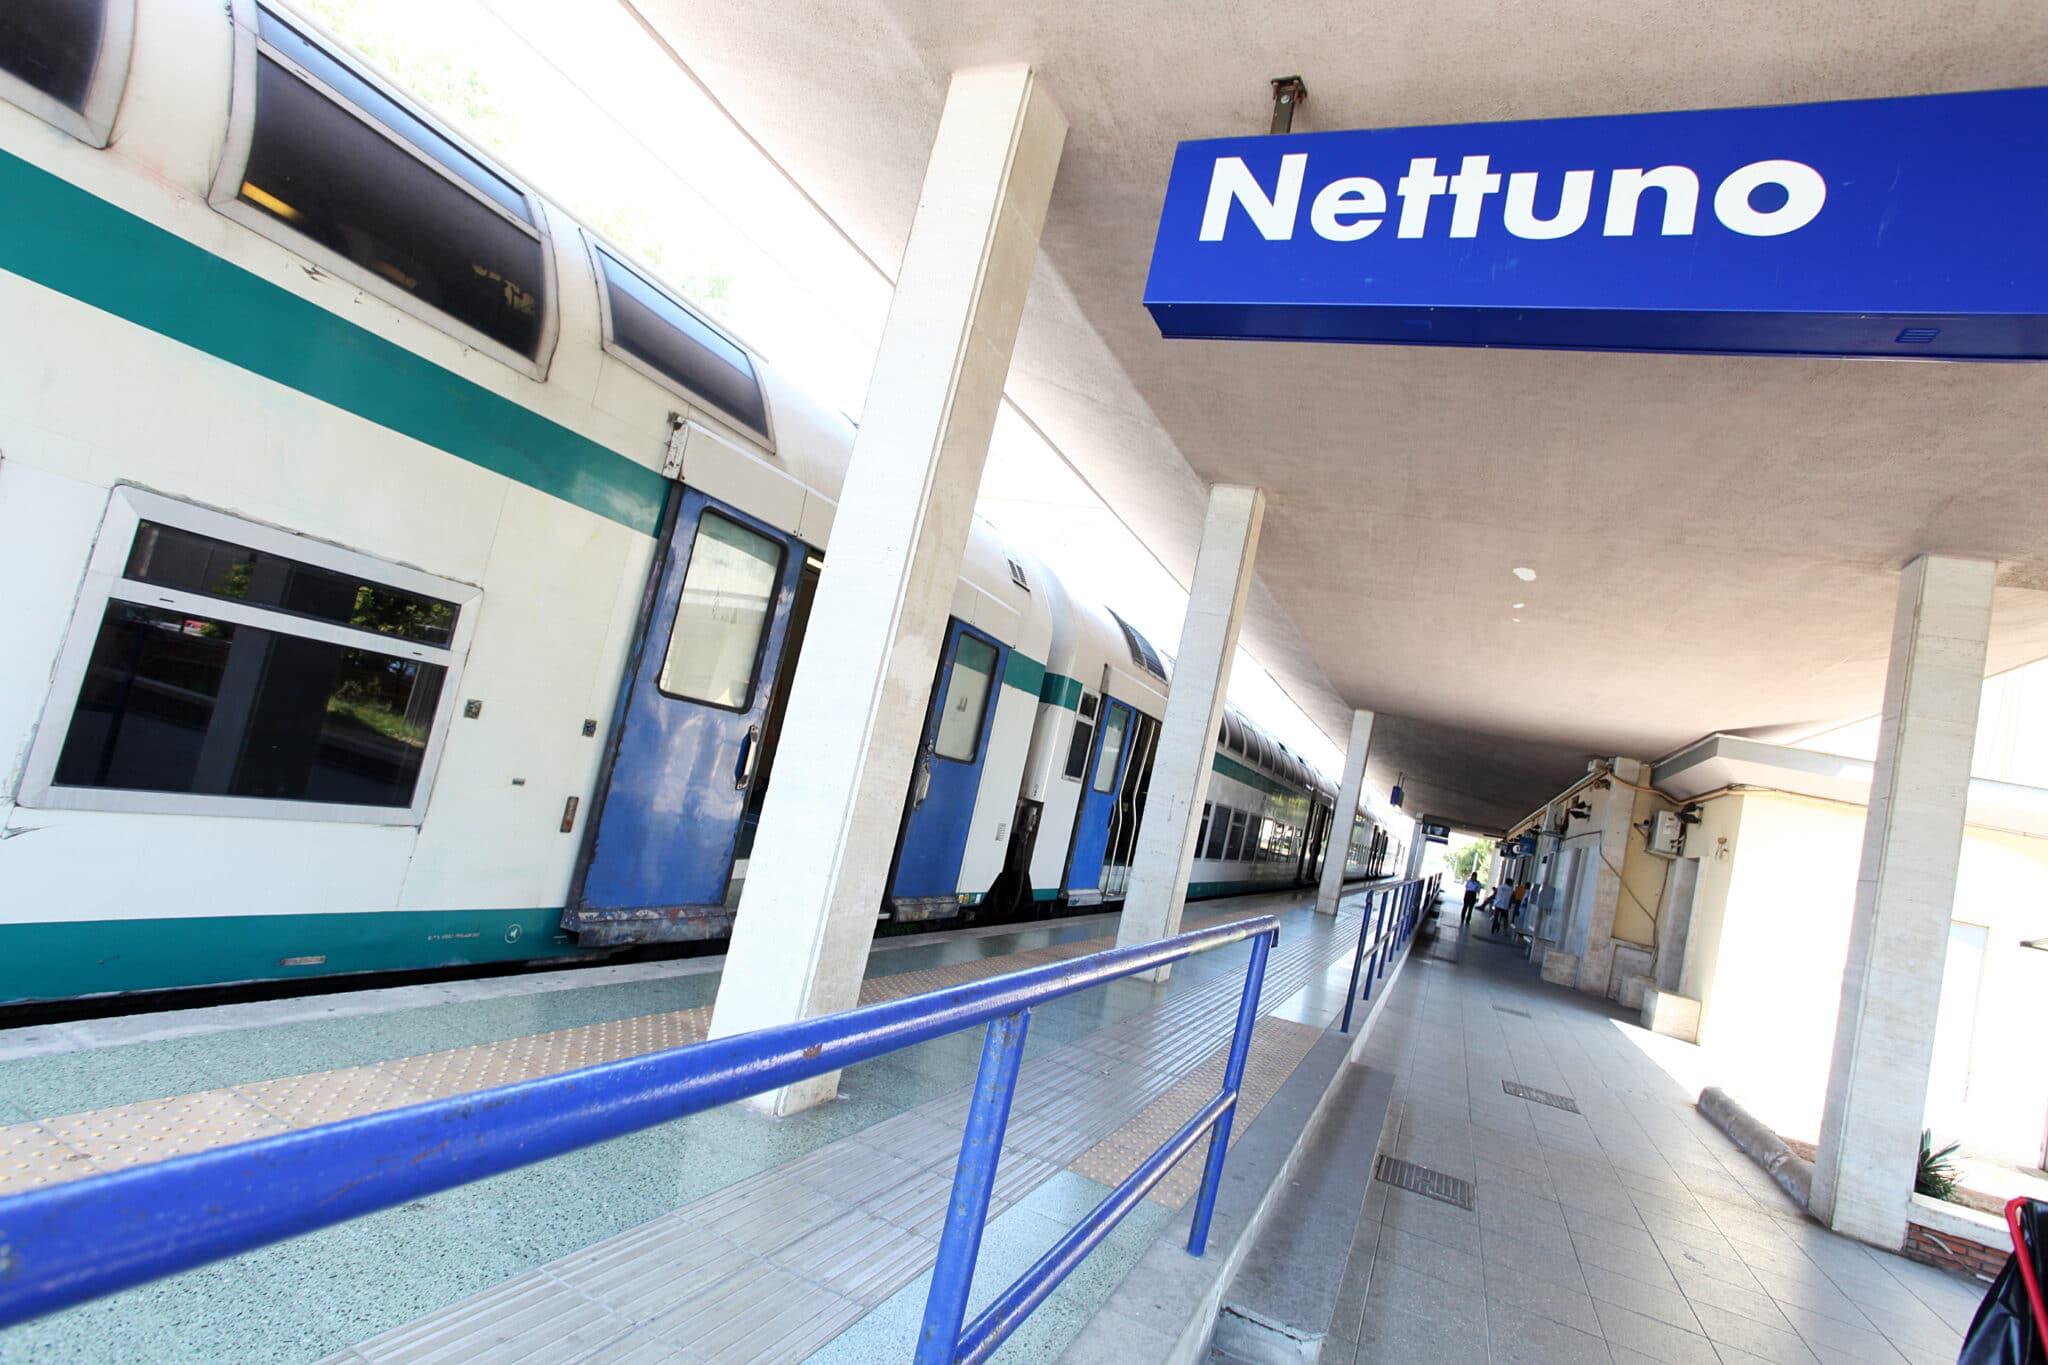 Sale Blu Ferrovie : Stazione napoli centrale ecco la sala blu per disabili e anziani